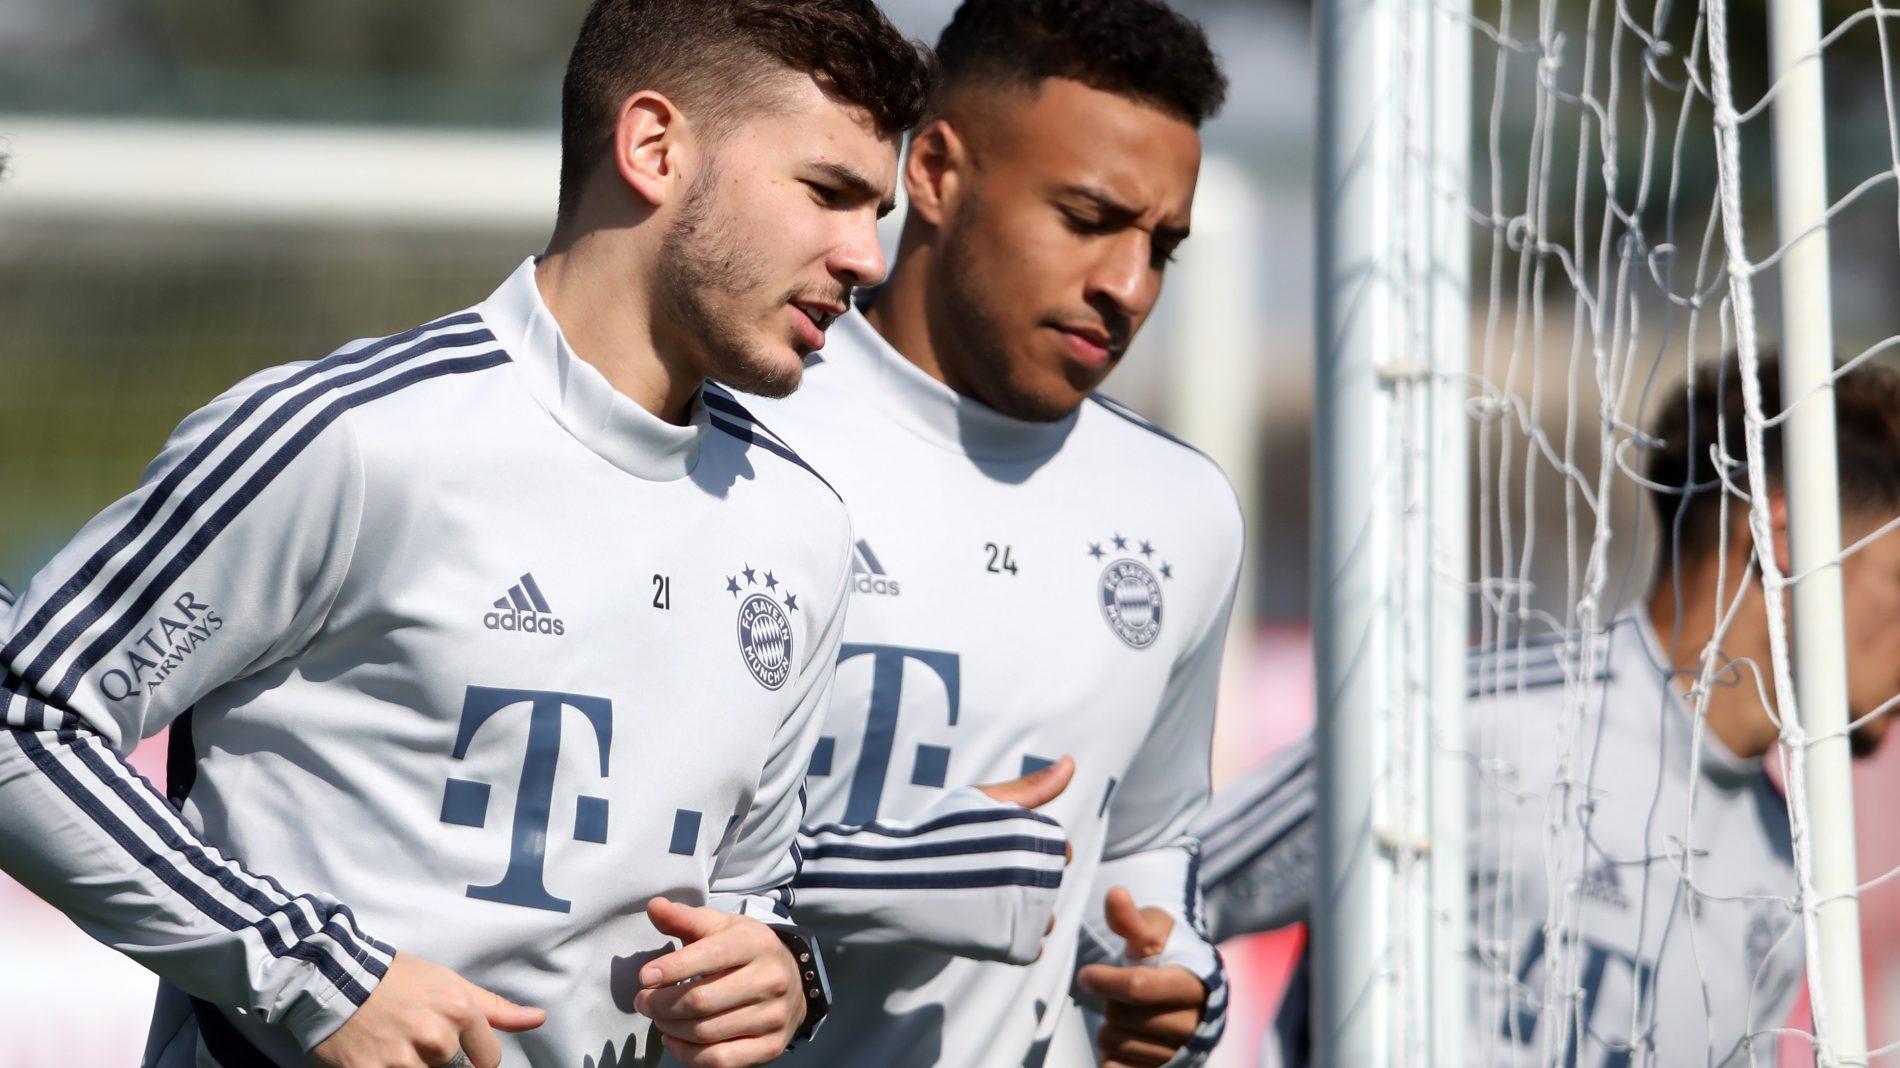 高层点赞?马特乌斯:卢卡斯和托利索是拜仁两笔新援